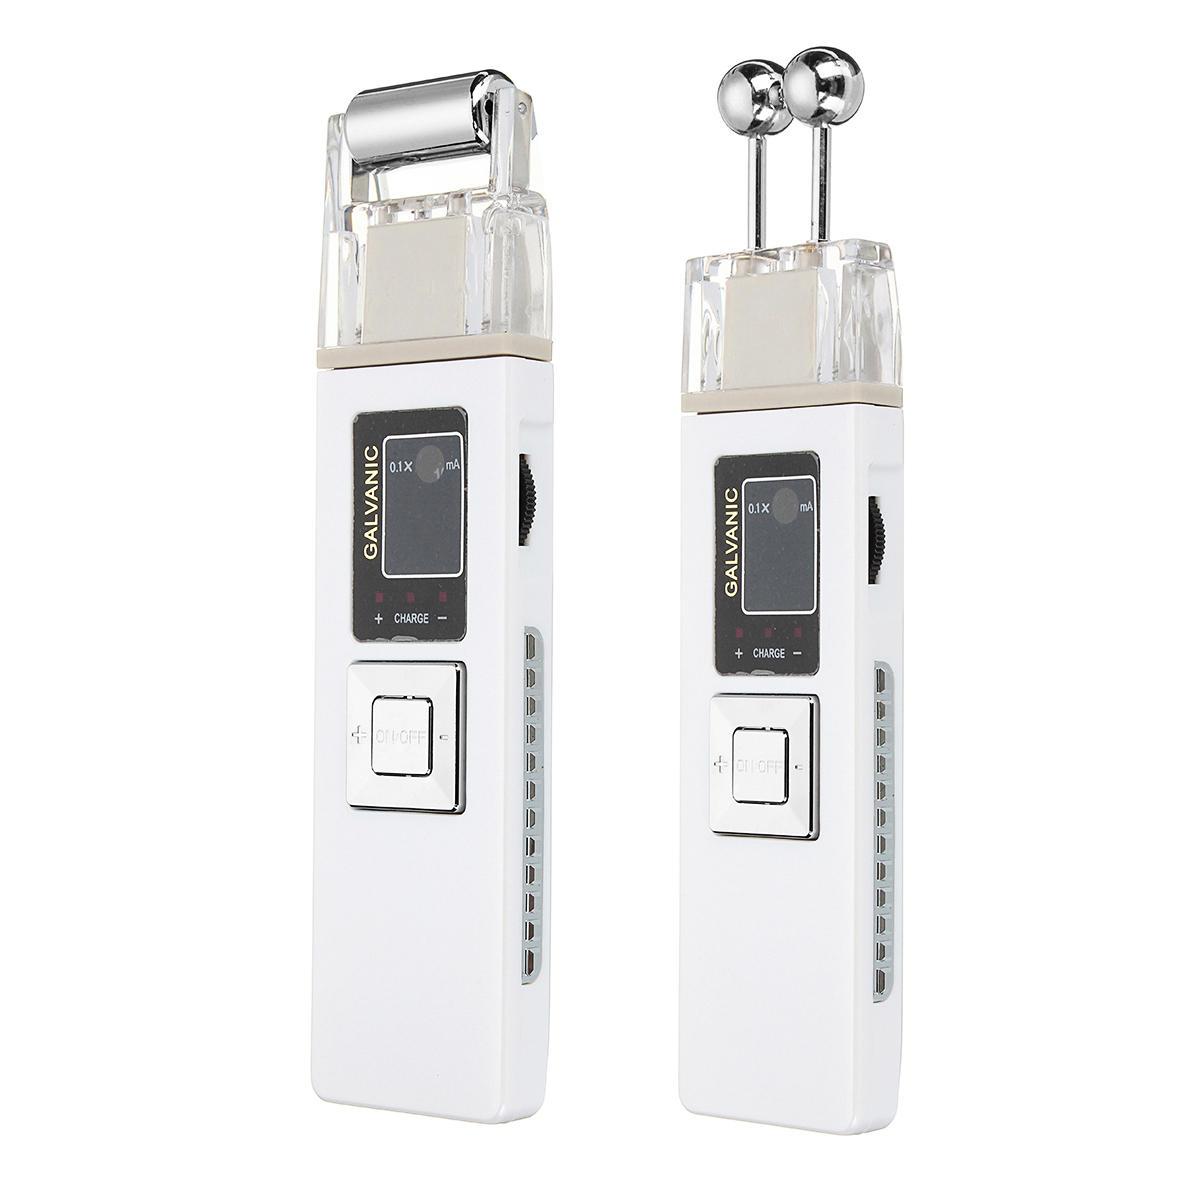 Máquina reafirmante de la piel de microcorriente galvánica Masajeador eléctrico antienvejecedor Limpieza facial